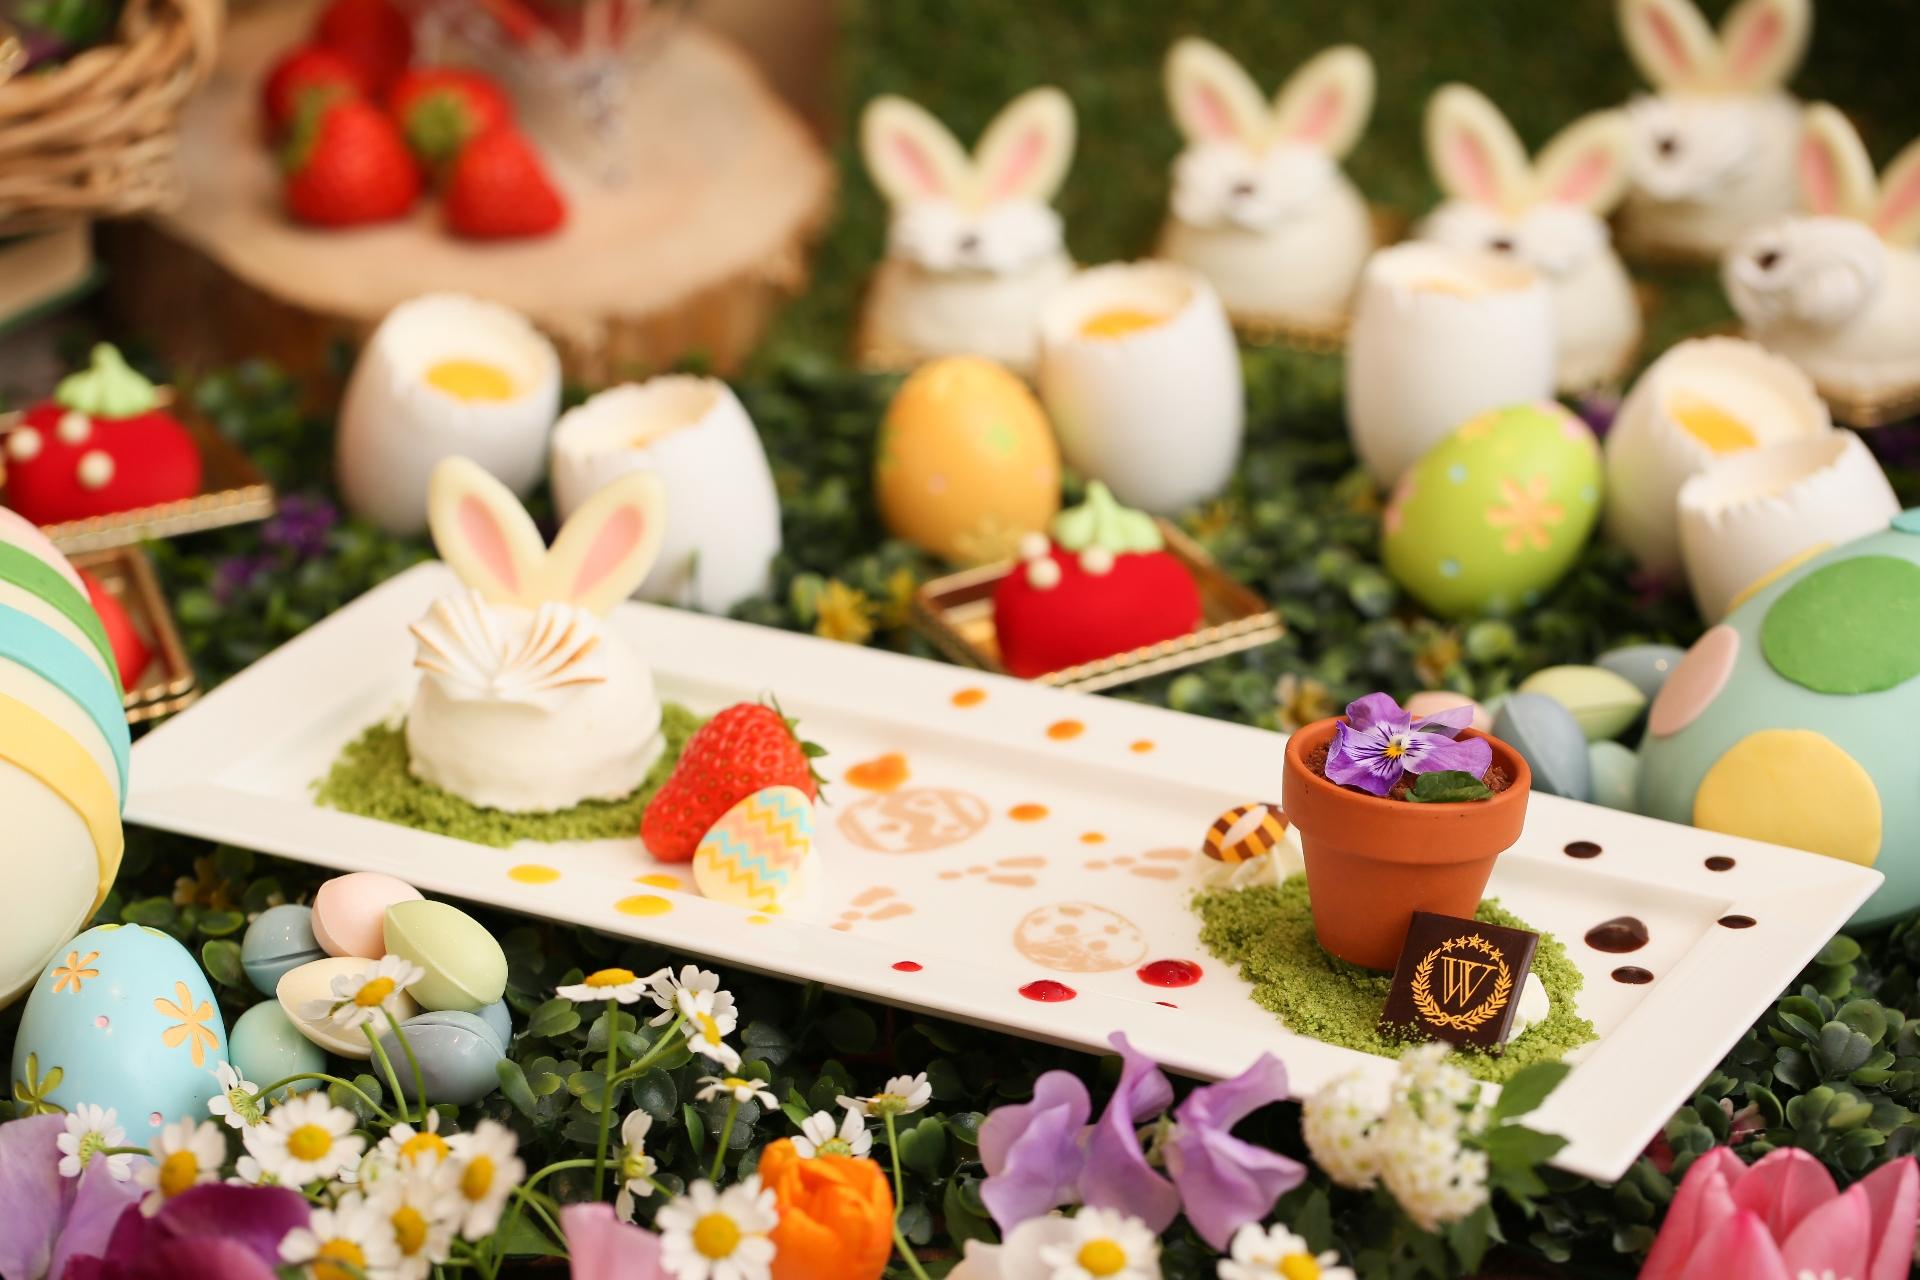 インスタグラマー必見。可愛いデザートに囲まれて、イースターを祝おう! - sub1 2